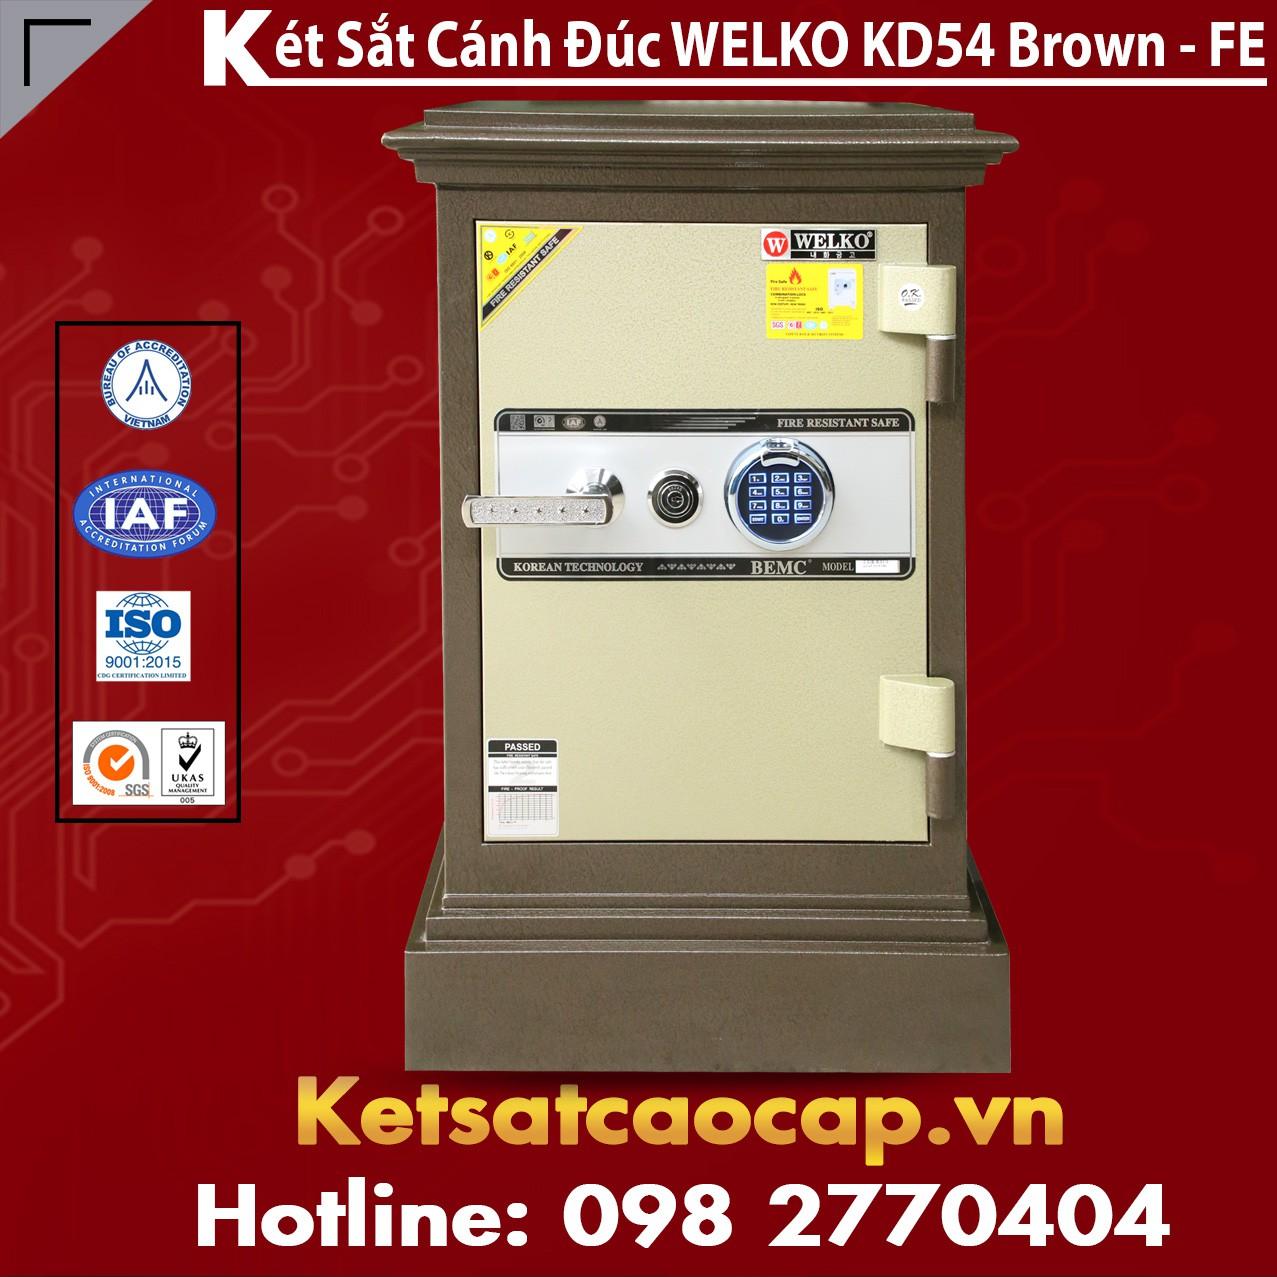 Két Sắt Gia Đình Hàn Quốc WELKO KD54 Brown - FE